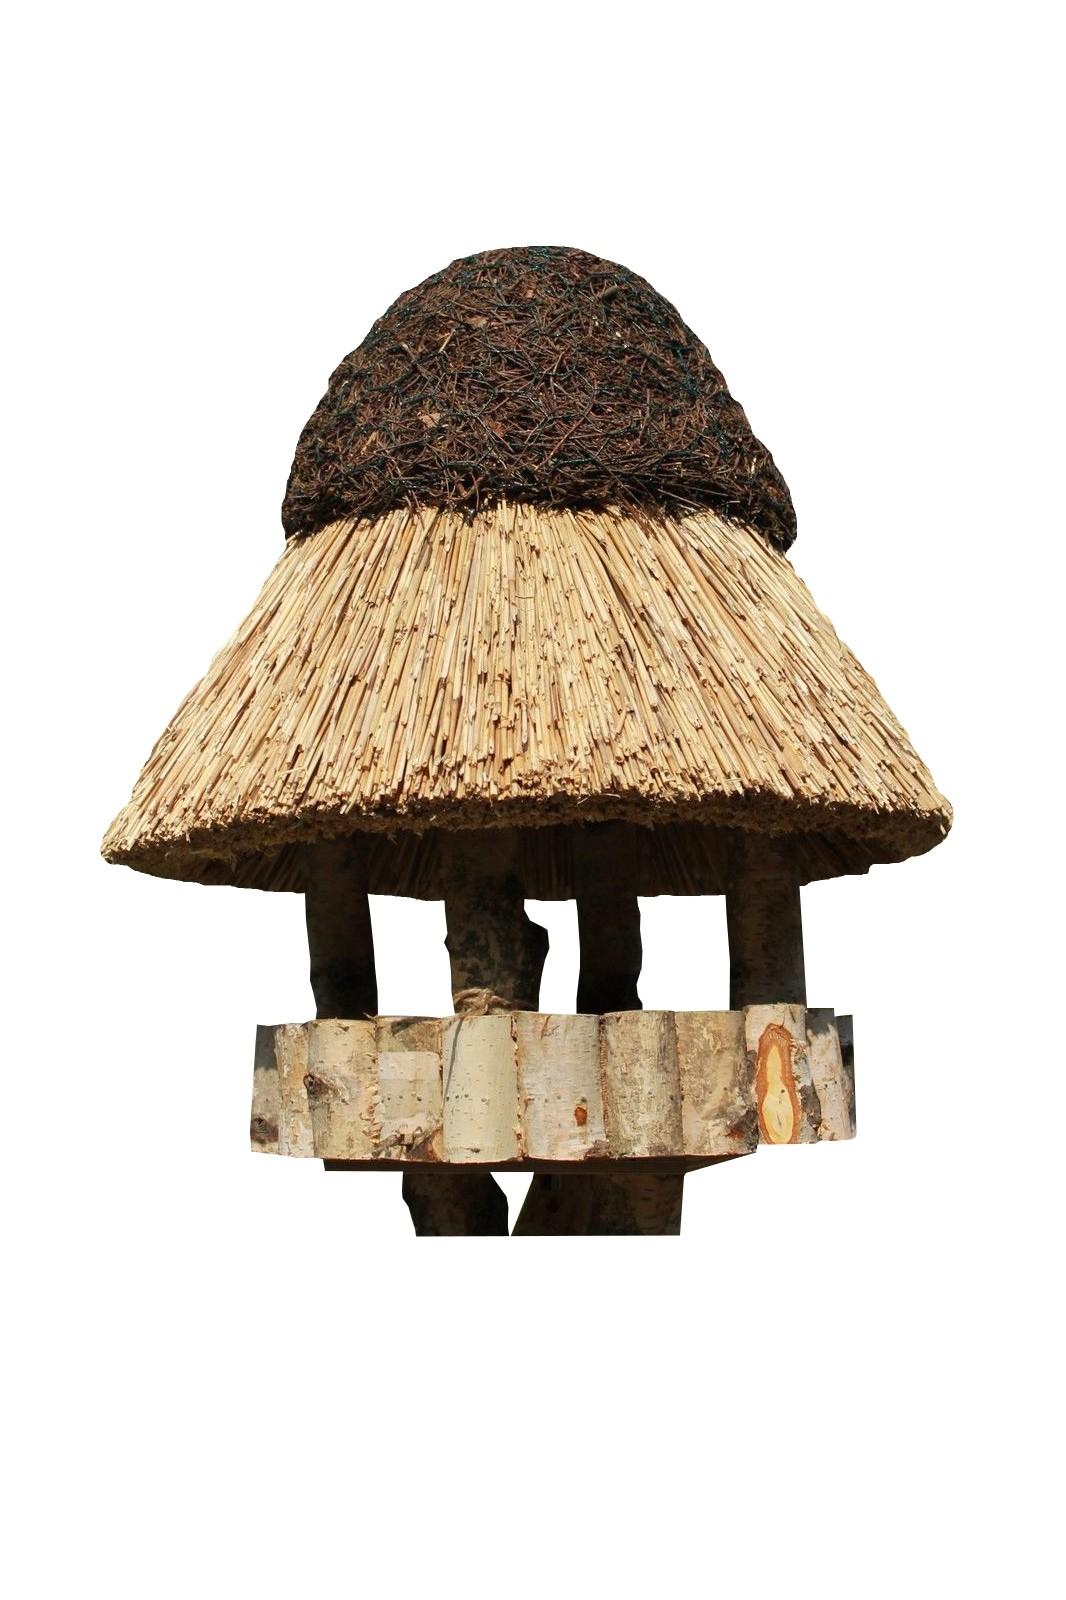 Pillau Birke ohne Ständer Reetdach Vogelhaus